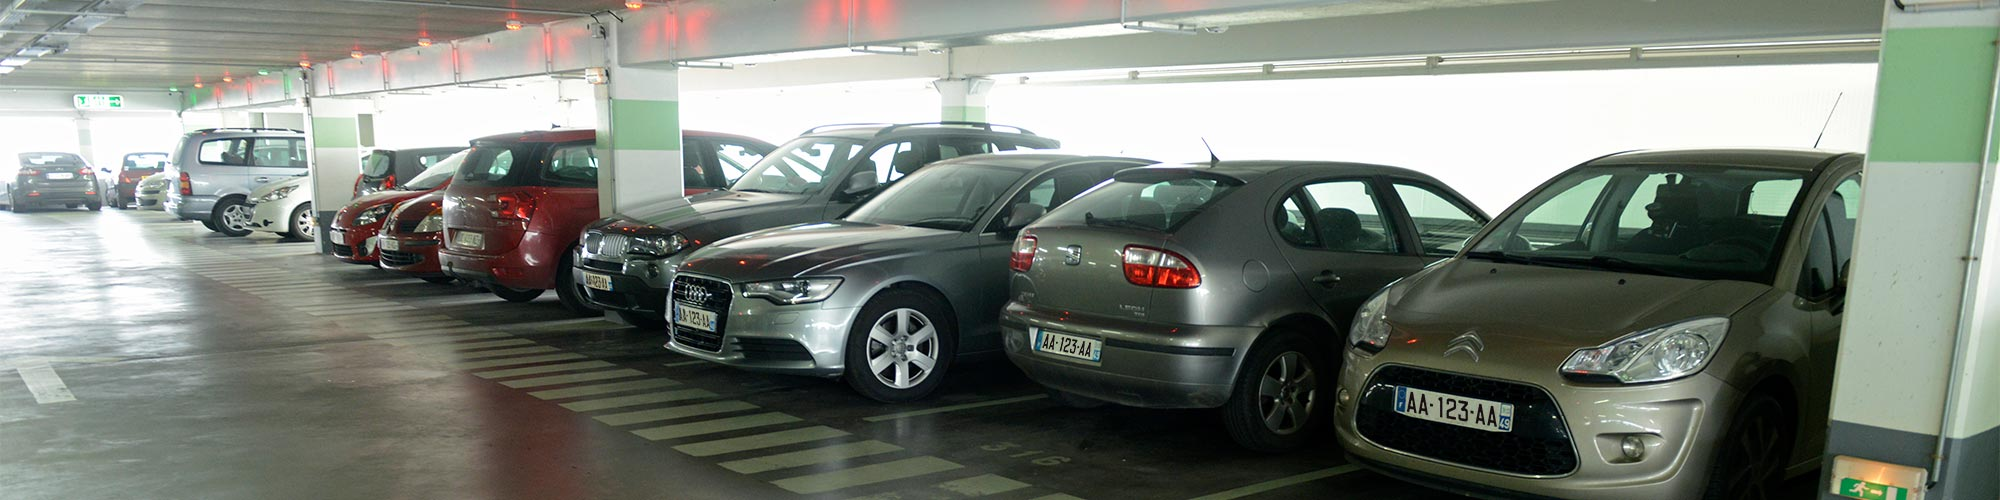 parking saint laud 1